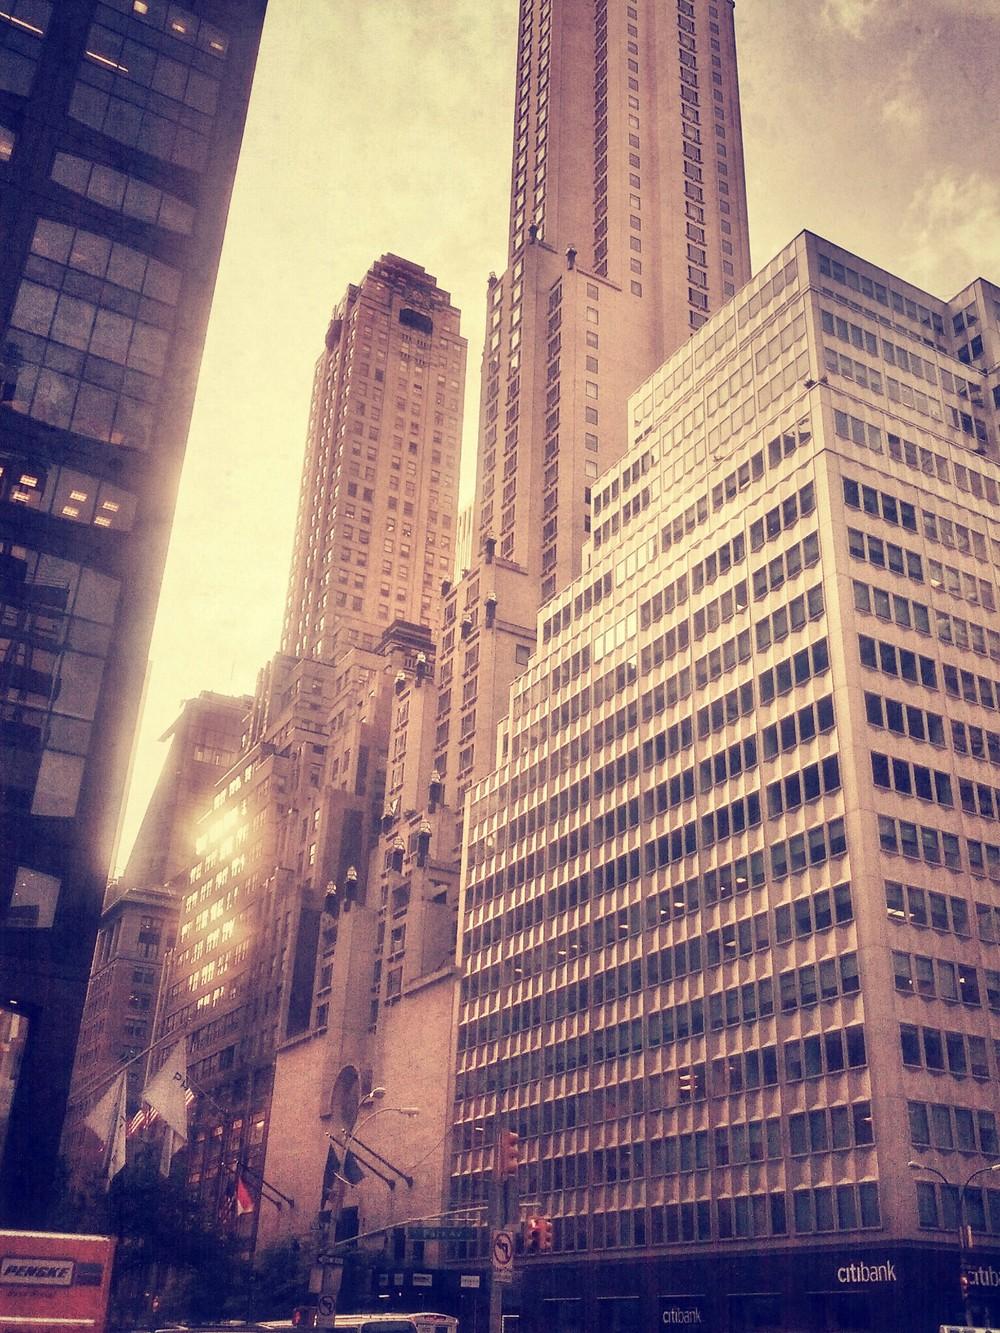 ErnestoSue_newyork-13 - 1 (4).jpg